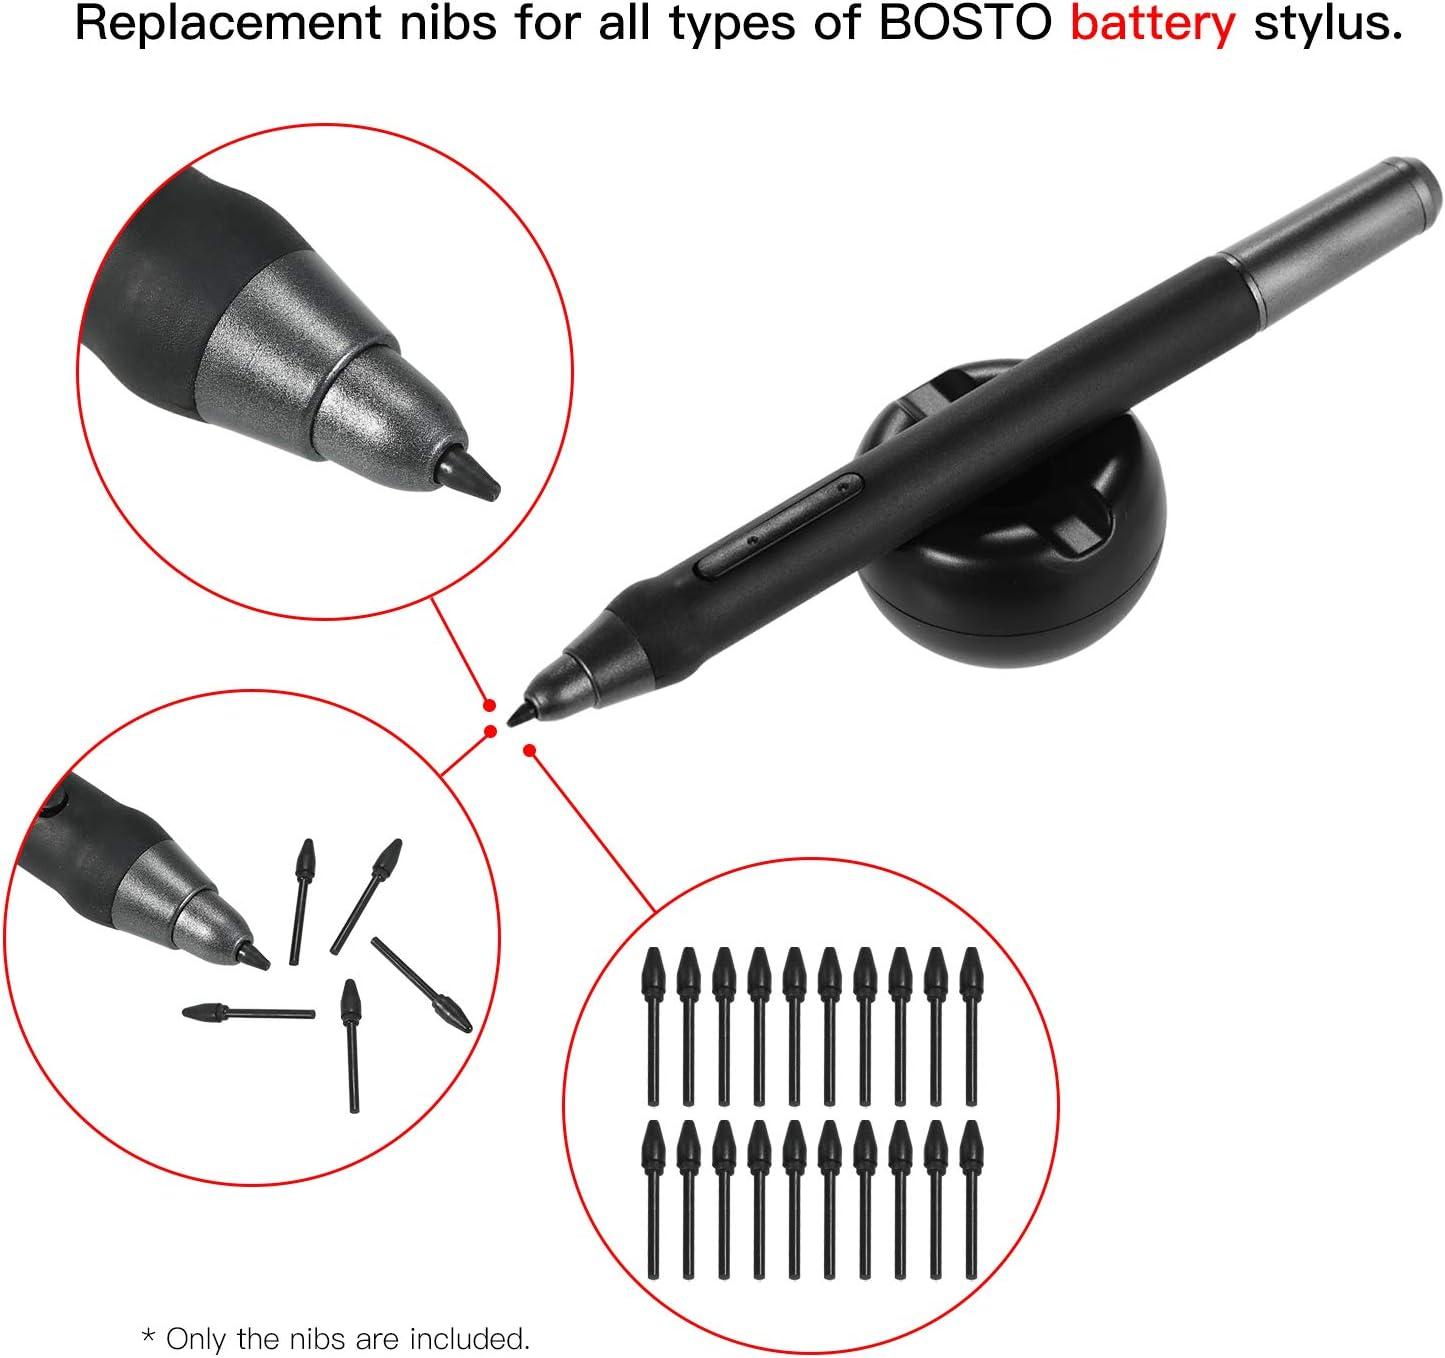 20-teilige Ersatzspitzen Stiftspitzen Kompatibel mit allen Grafikmonitor-Zeichentabletts Batteriefreier Stift Schwarz